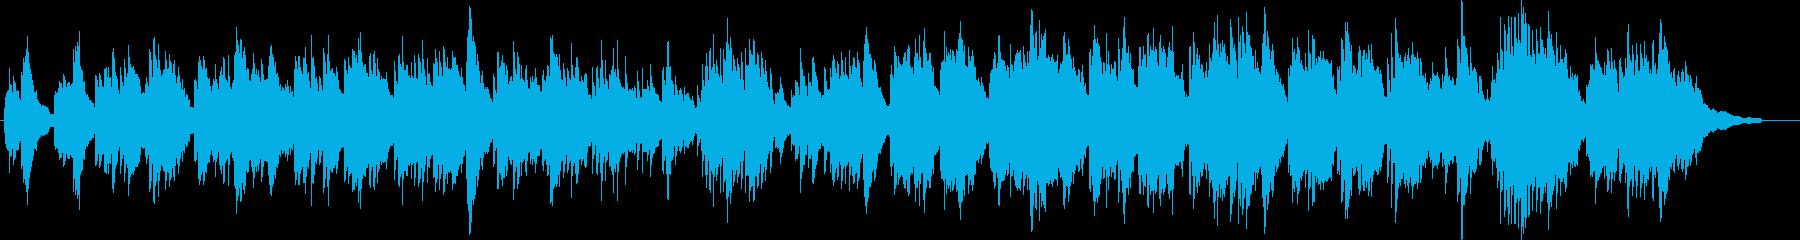 神話・ファンタジーなケルトハープと笛の再生済みの波形